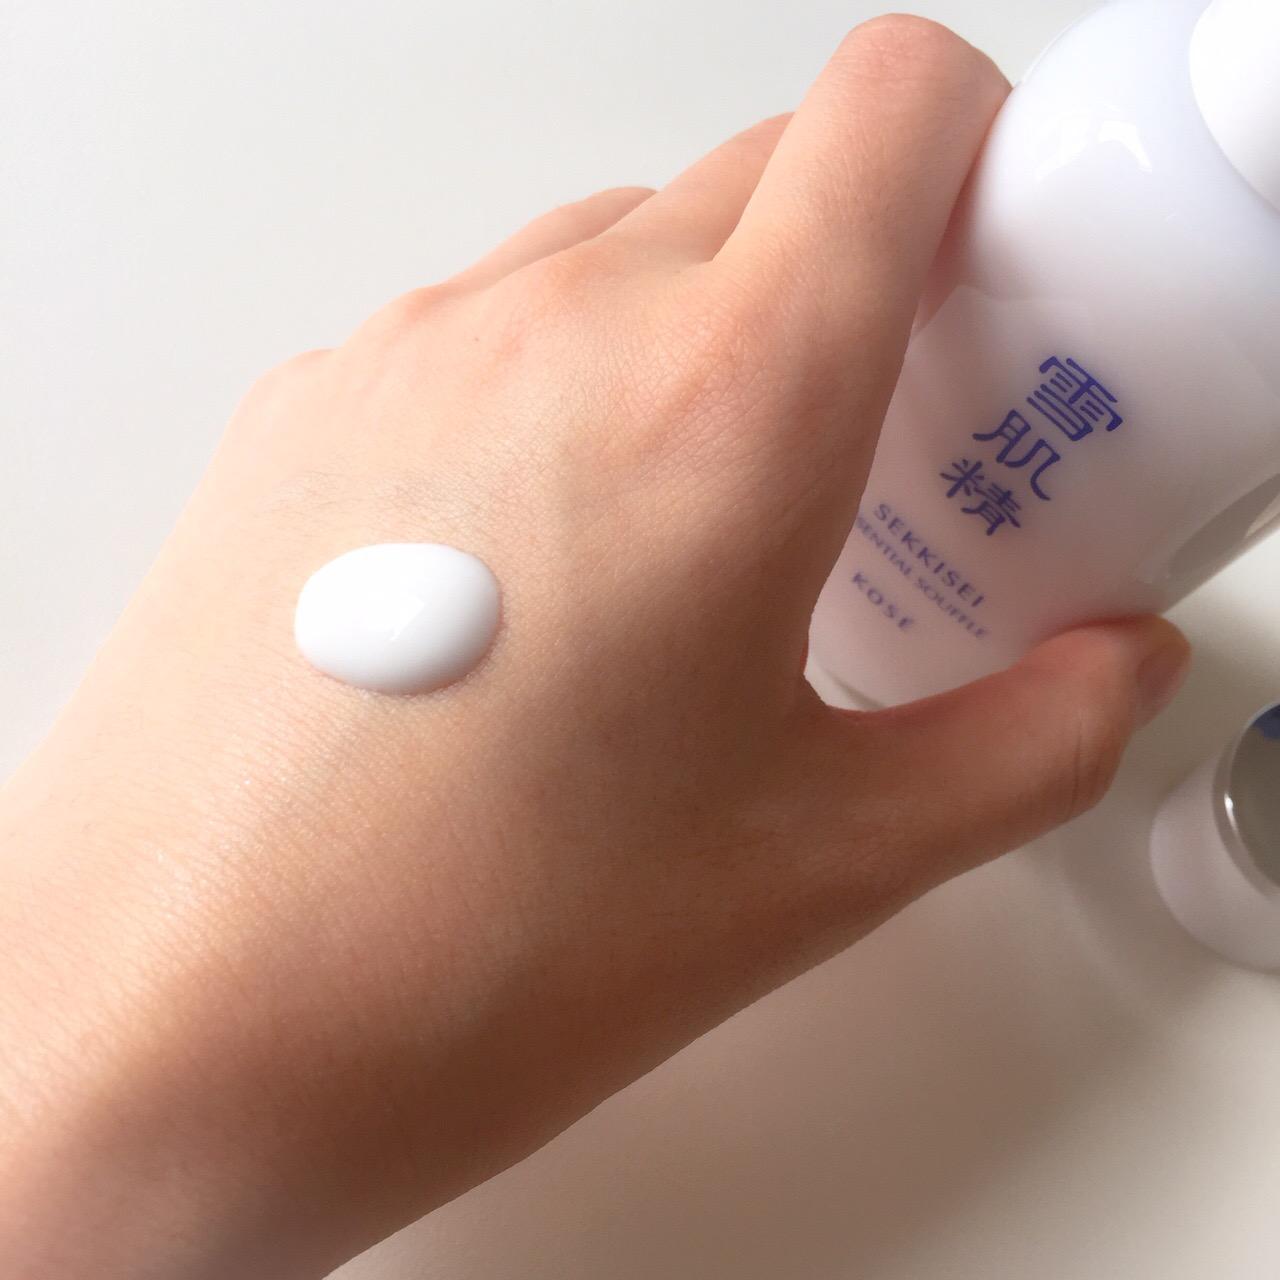 スキンケアの順番とおすすめアイテム特集 - 洗顔のやり方や化粧水の塗り方など、美プロ発のテクニックまとめ_20